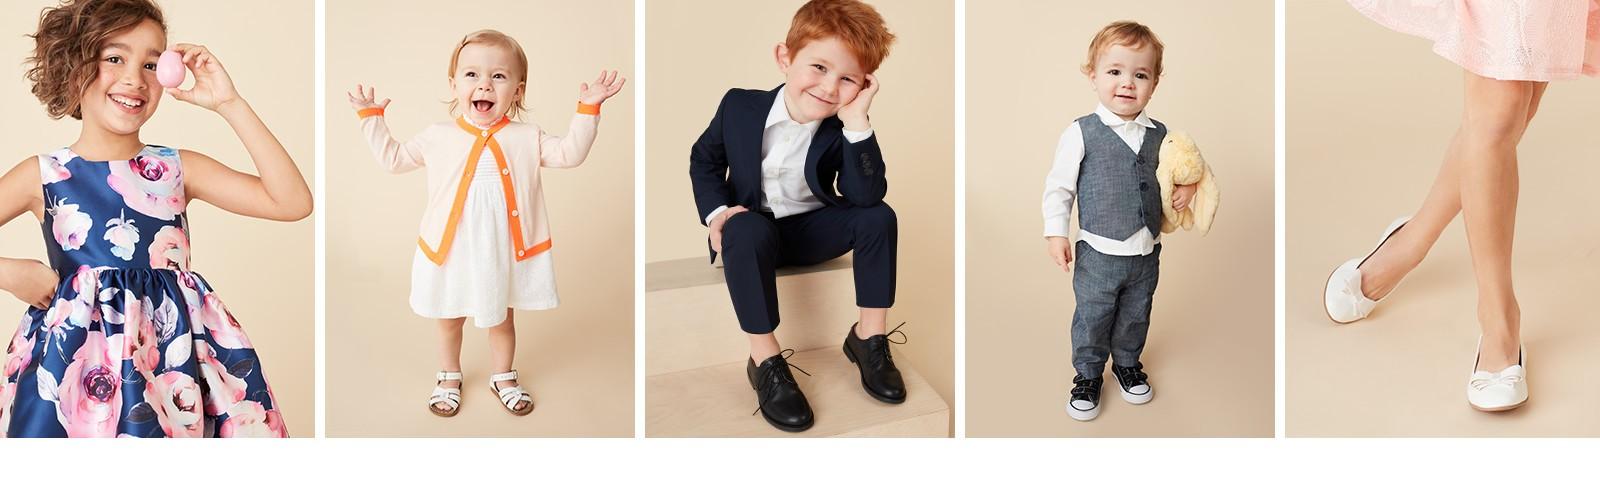 come vestire i bambini per una cerimonia